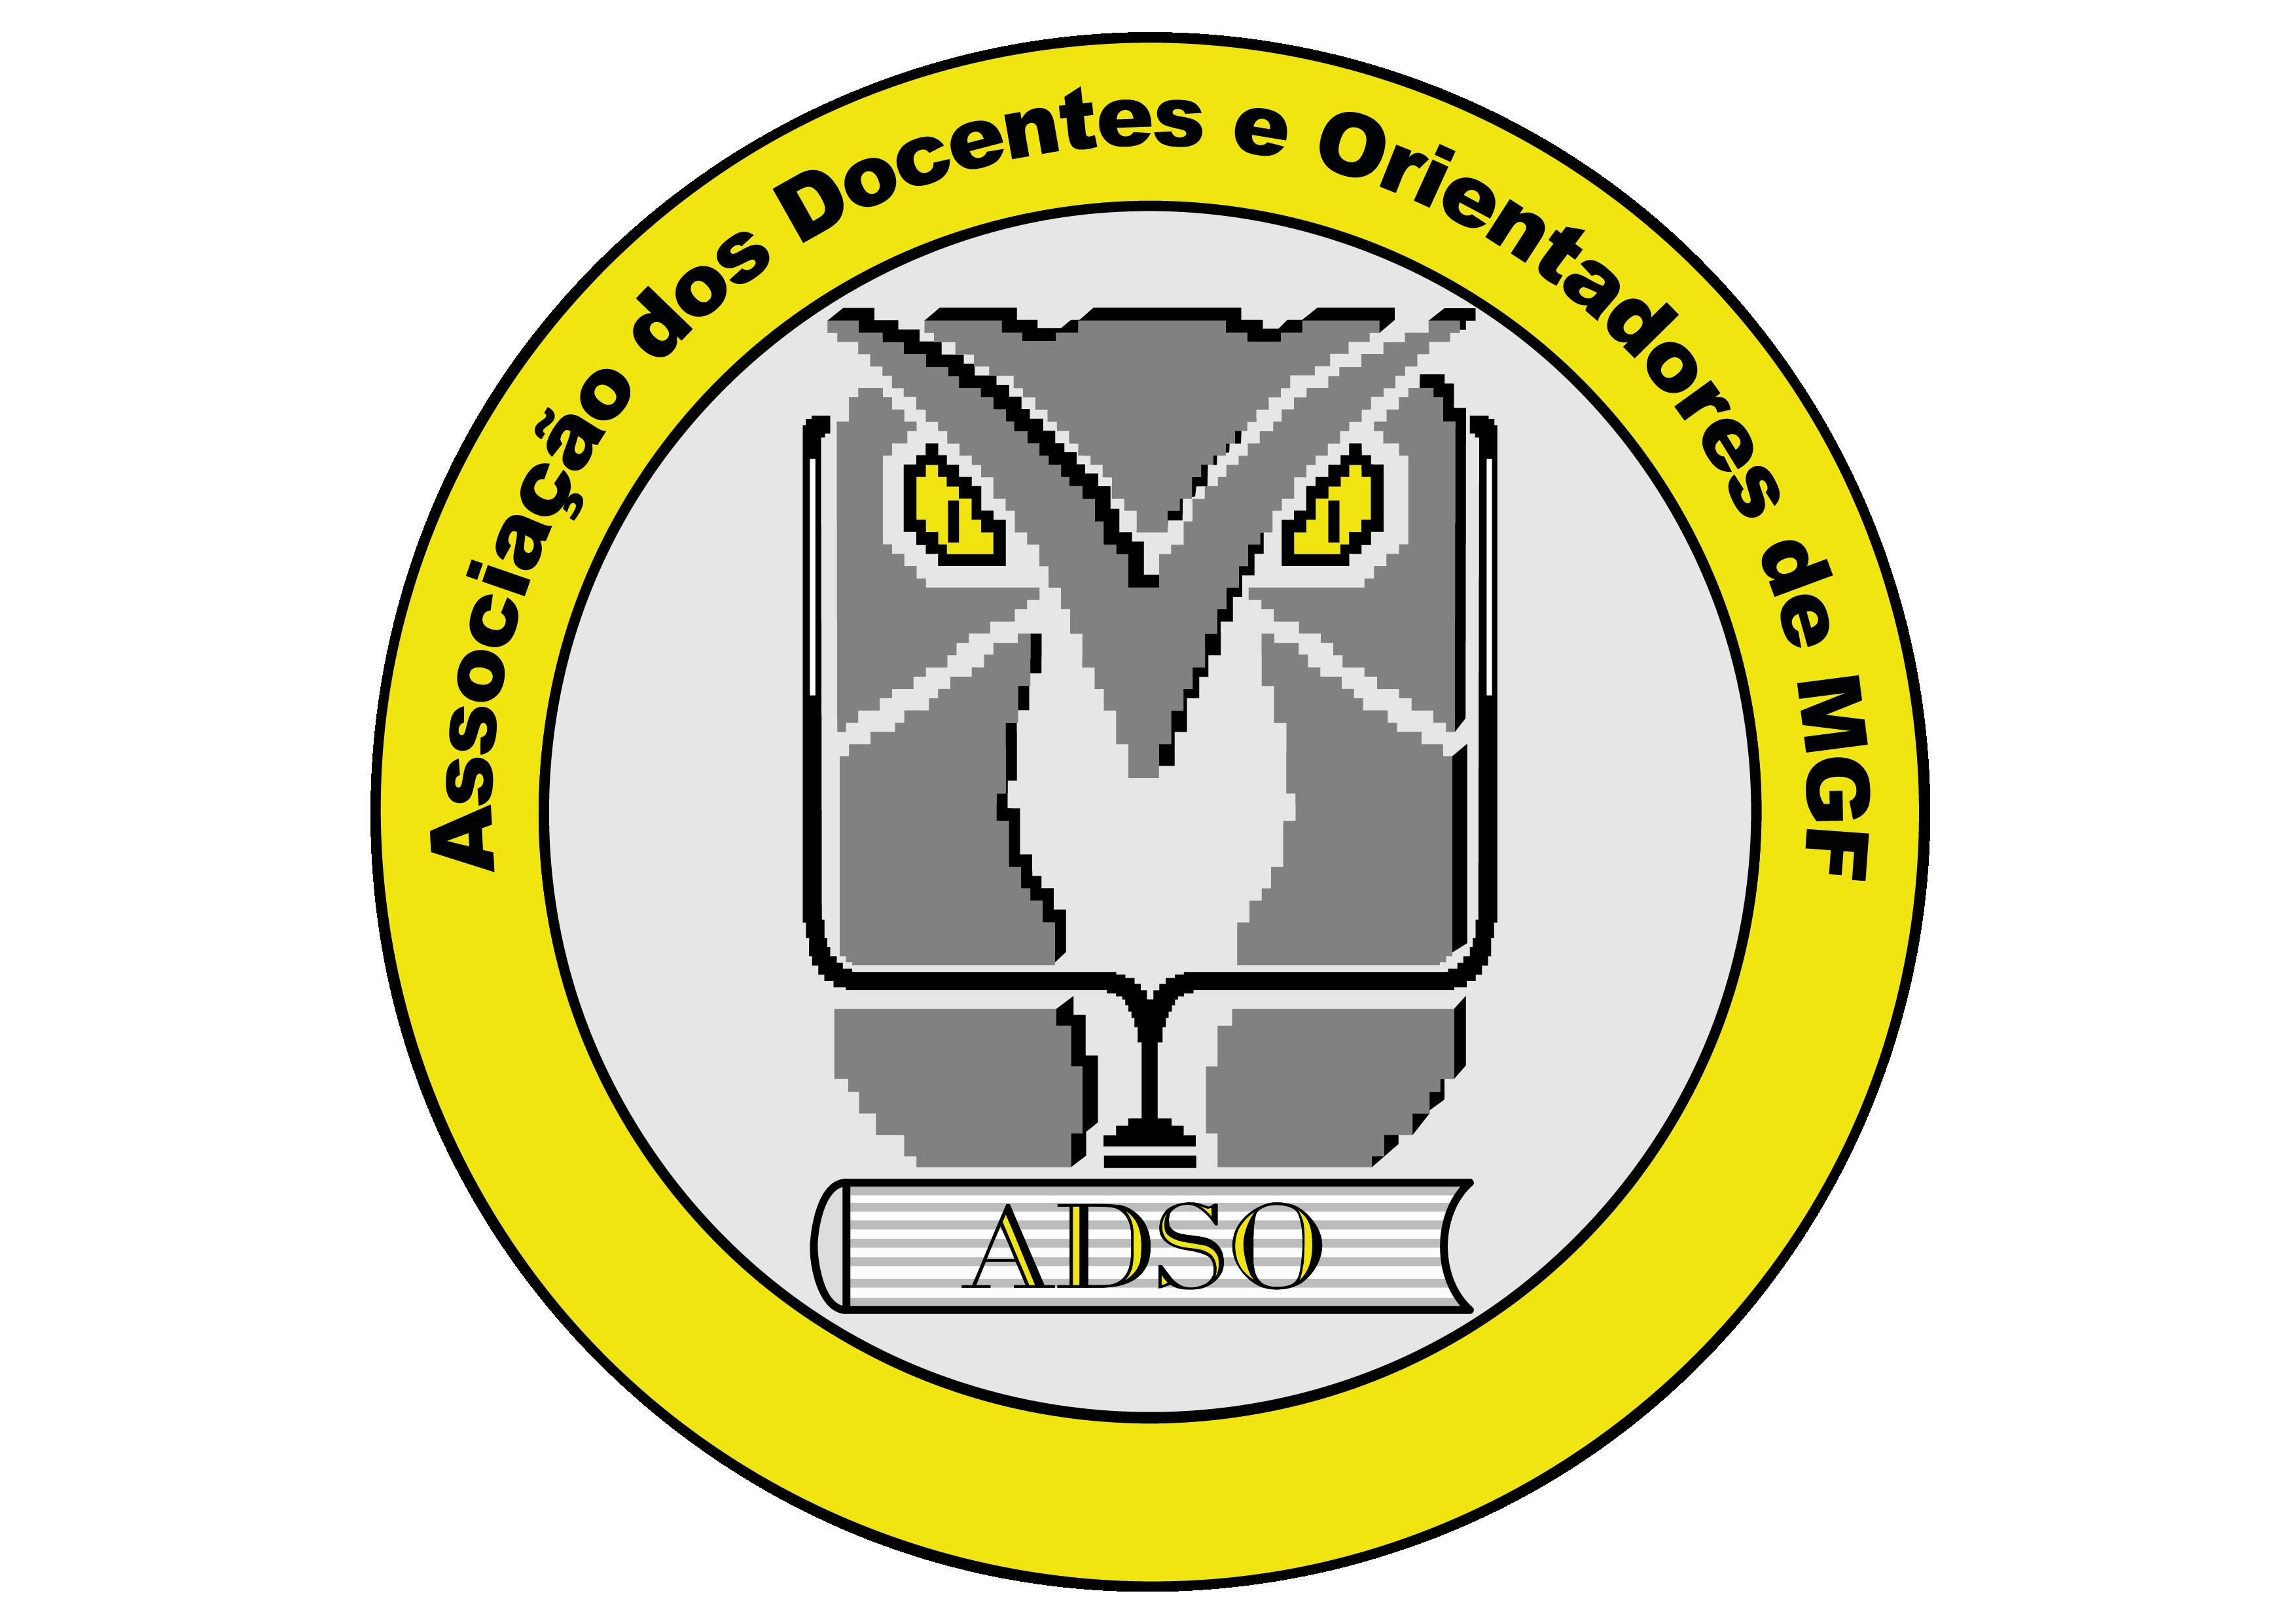 ADSO Logo Image